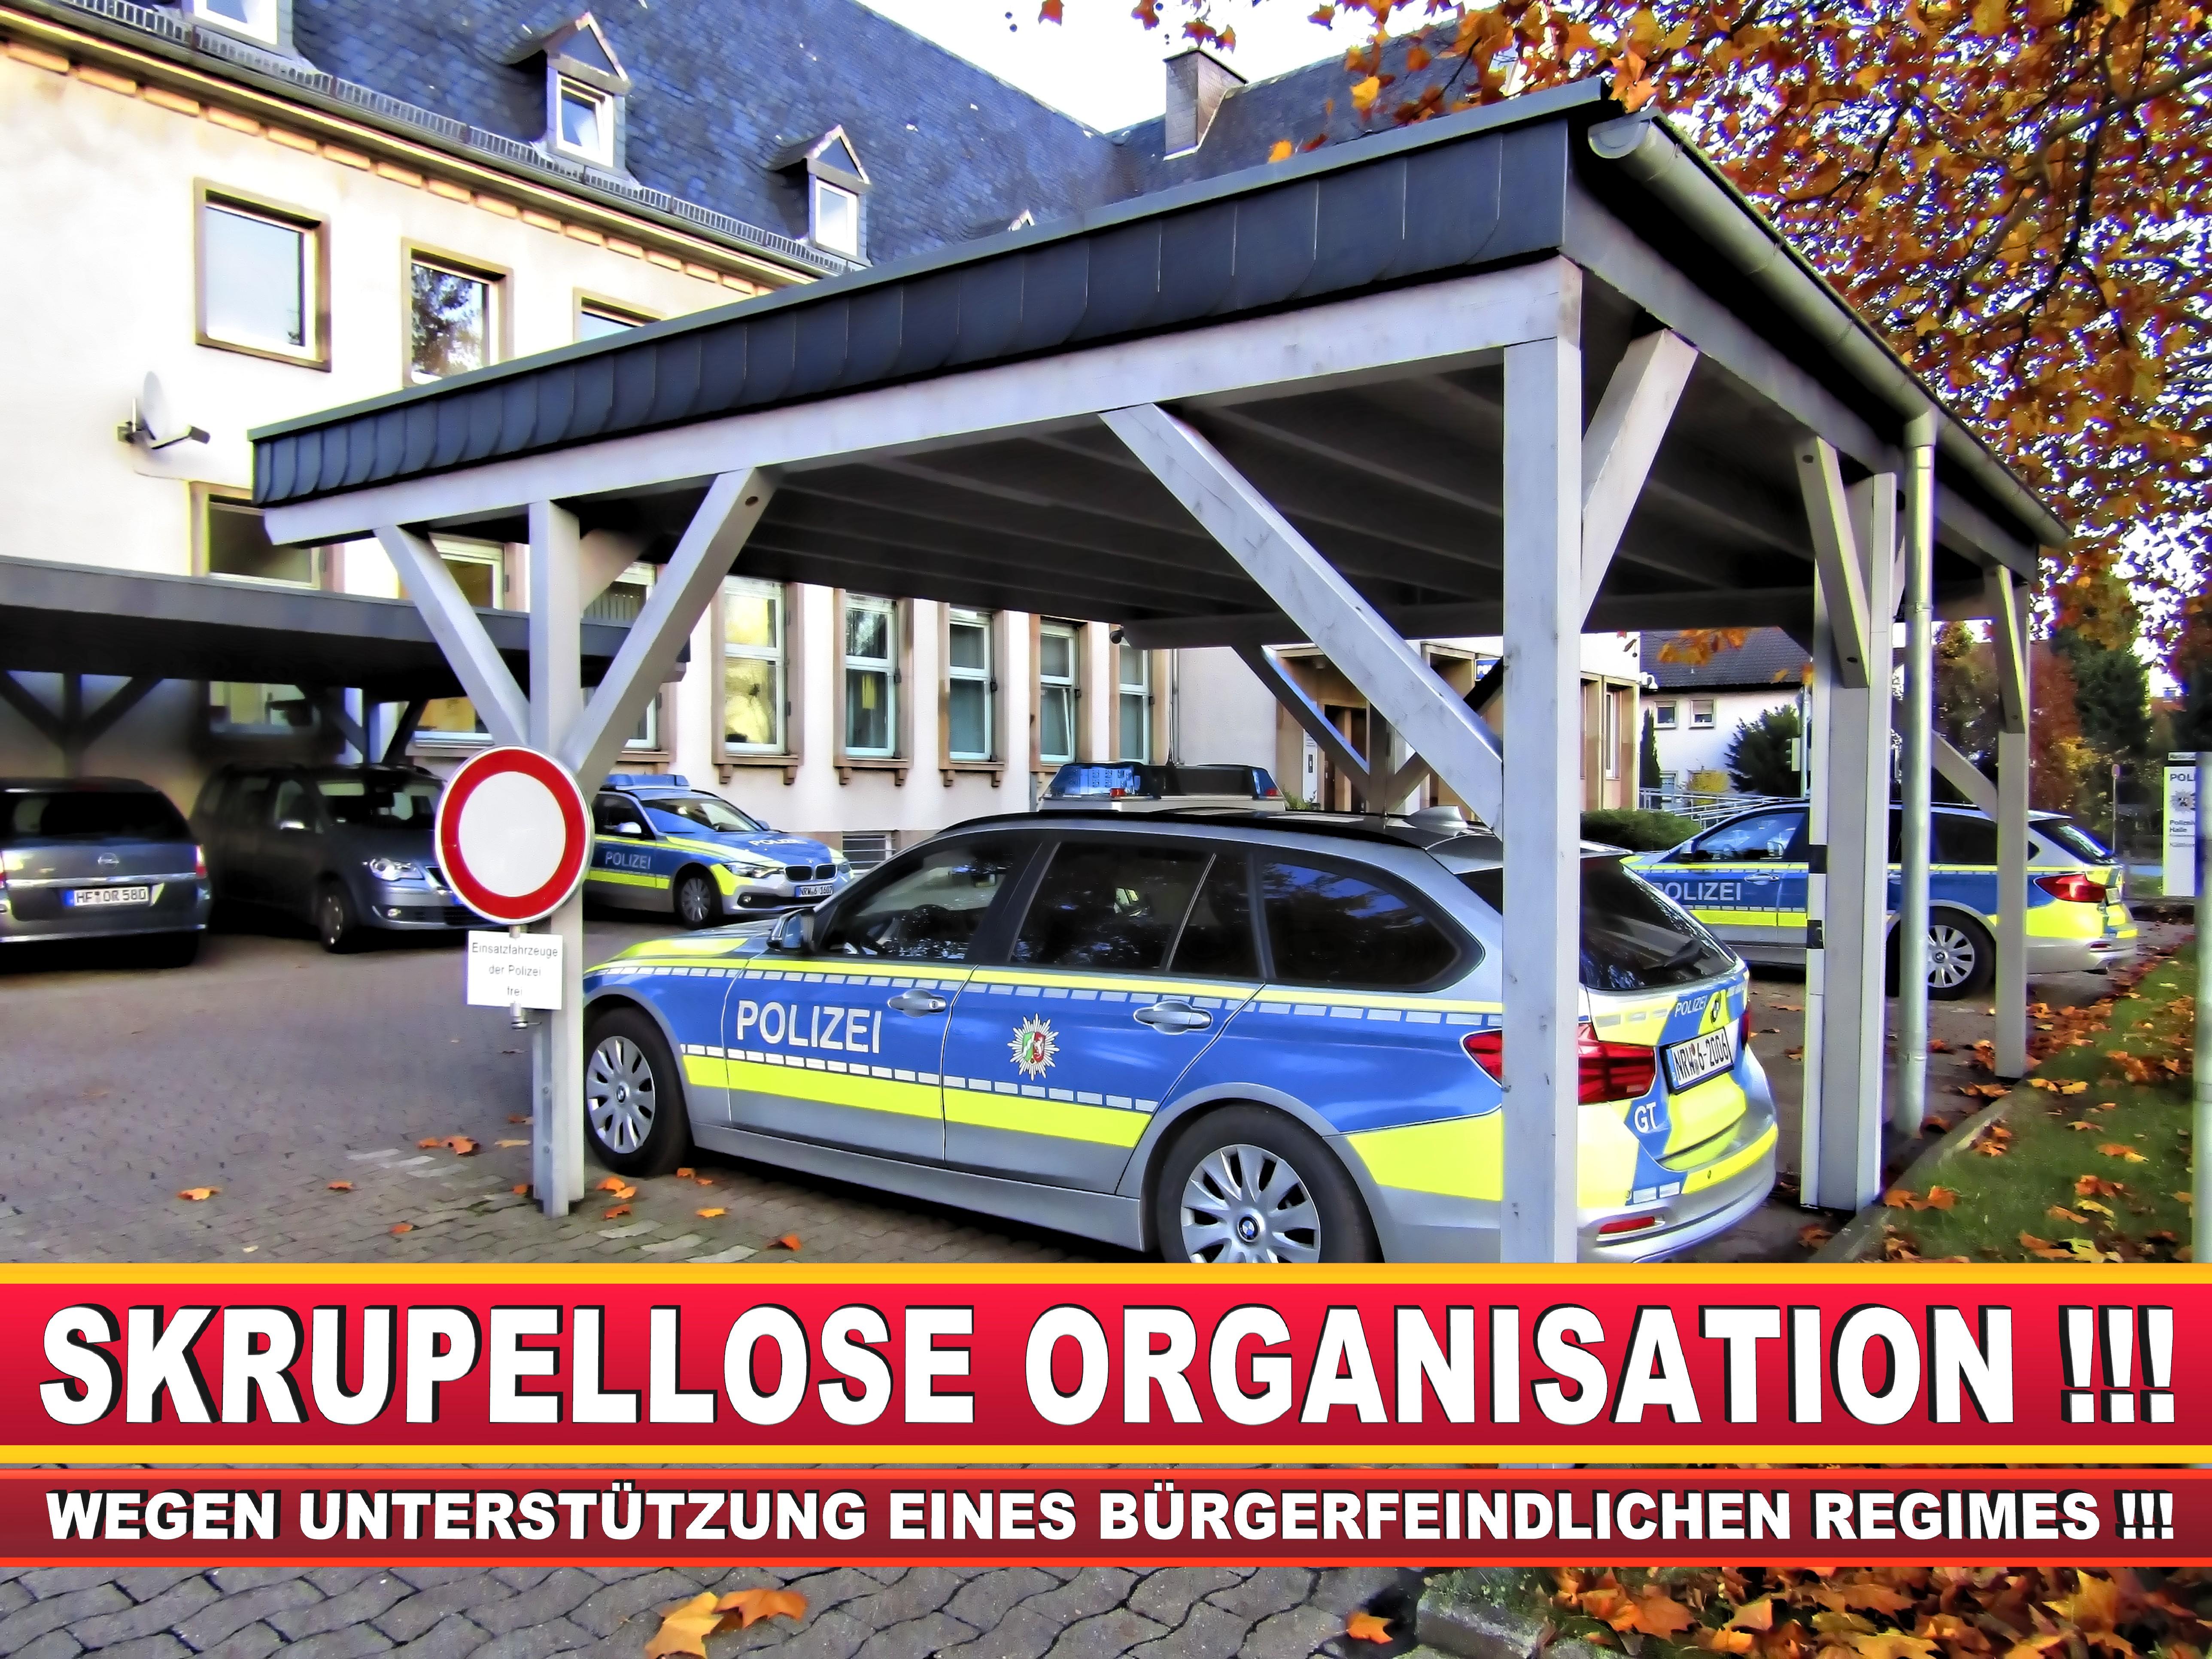 POLIZEI HALLE WESTFALEN KäTTKENSTRAßE 7 33790 HALLE WESTFALEN (7)